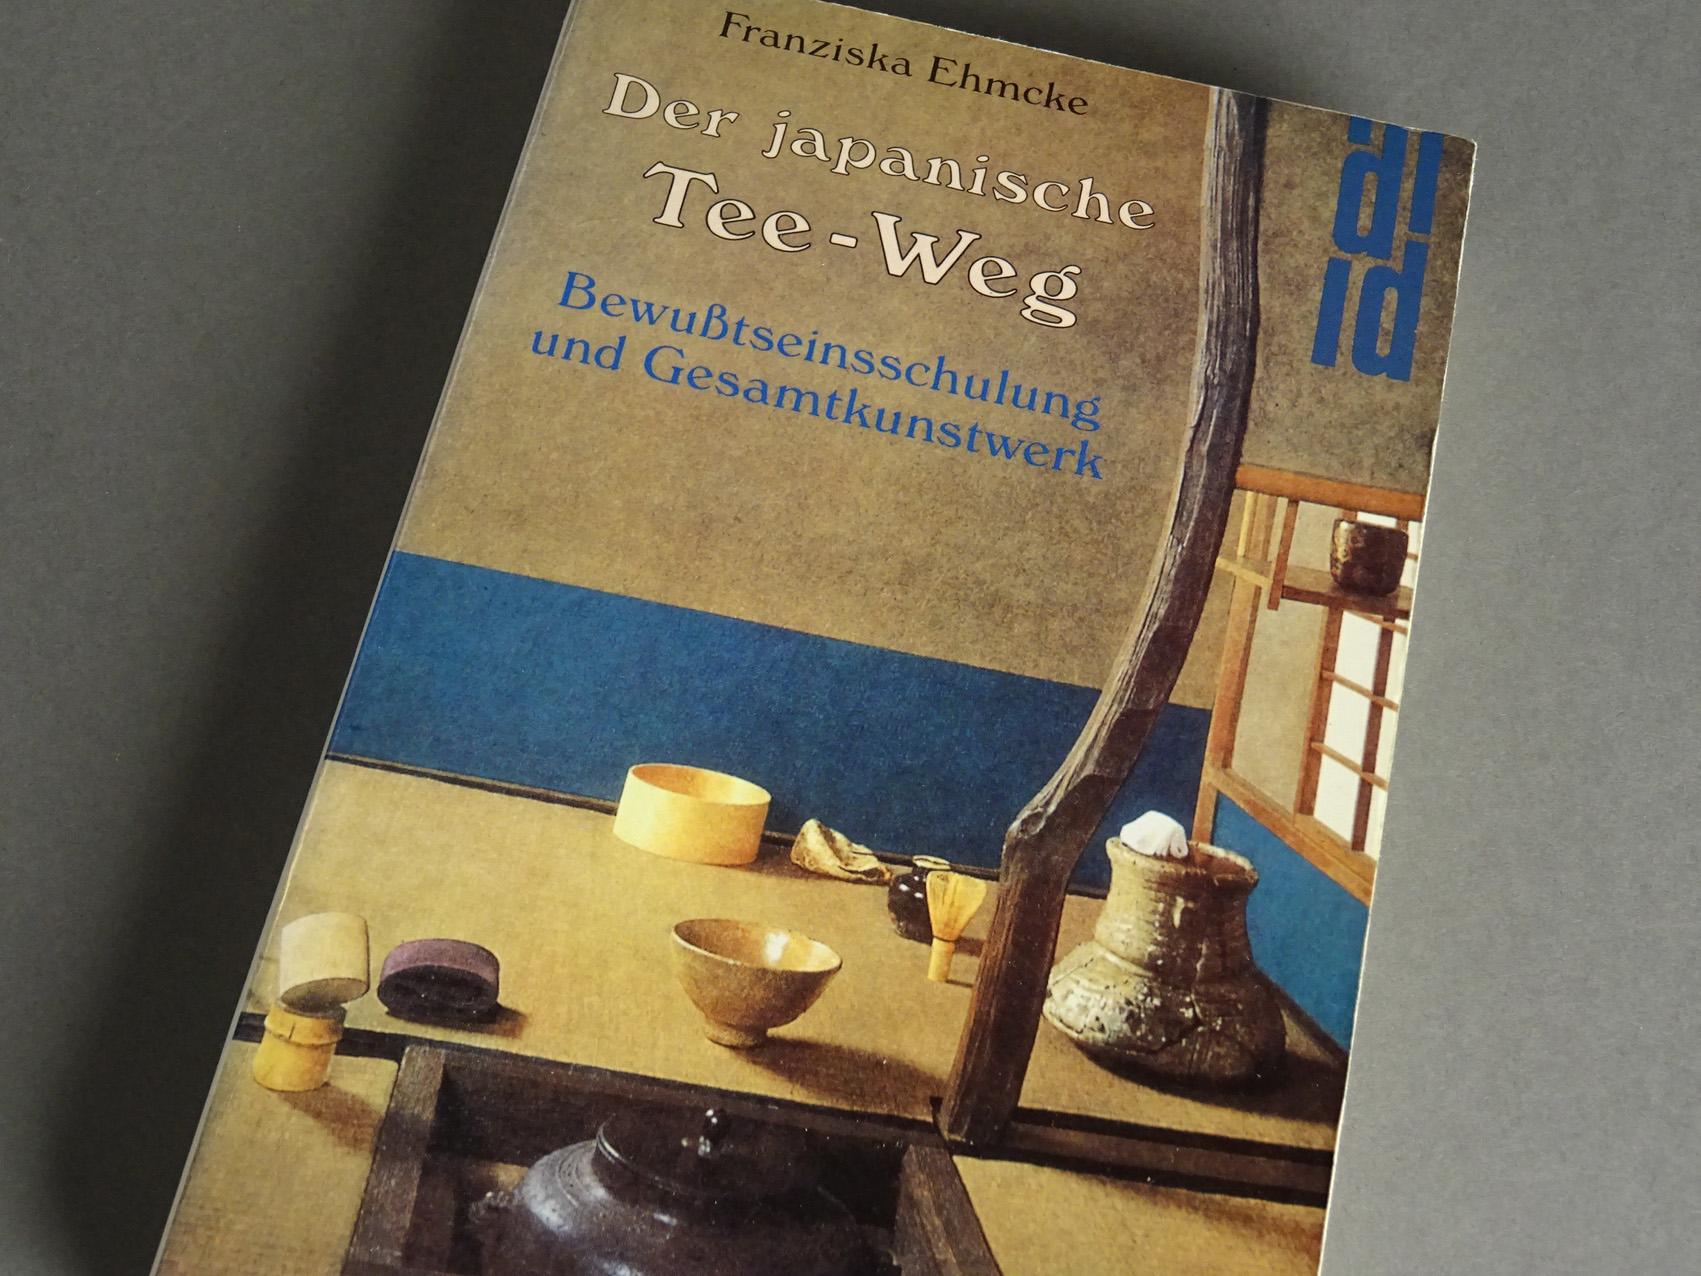 Franziska Ehmcke (1991): Der japanische Tee-Weg